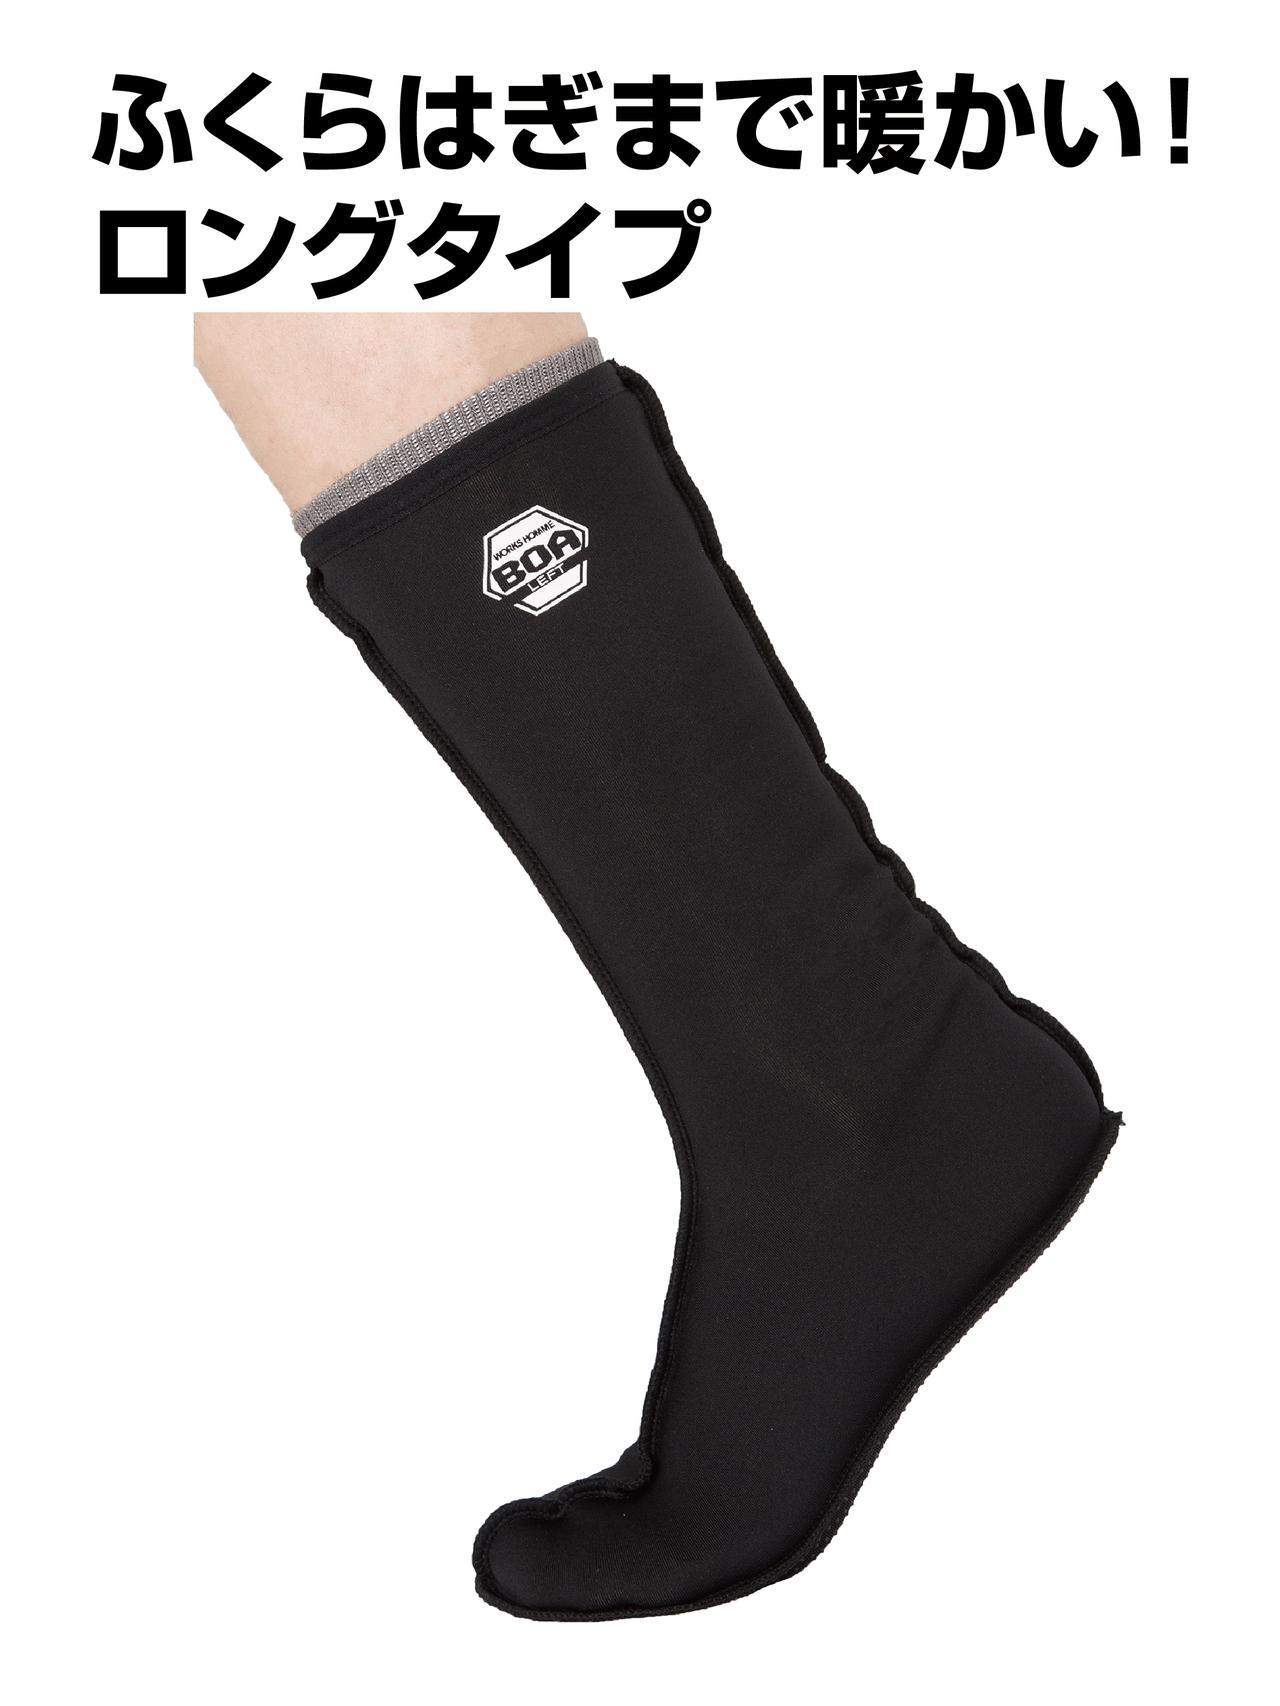 画像2: 足元の冷えは、身体の動きを固くする!